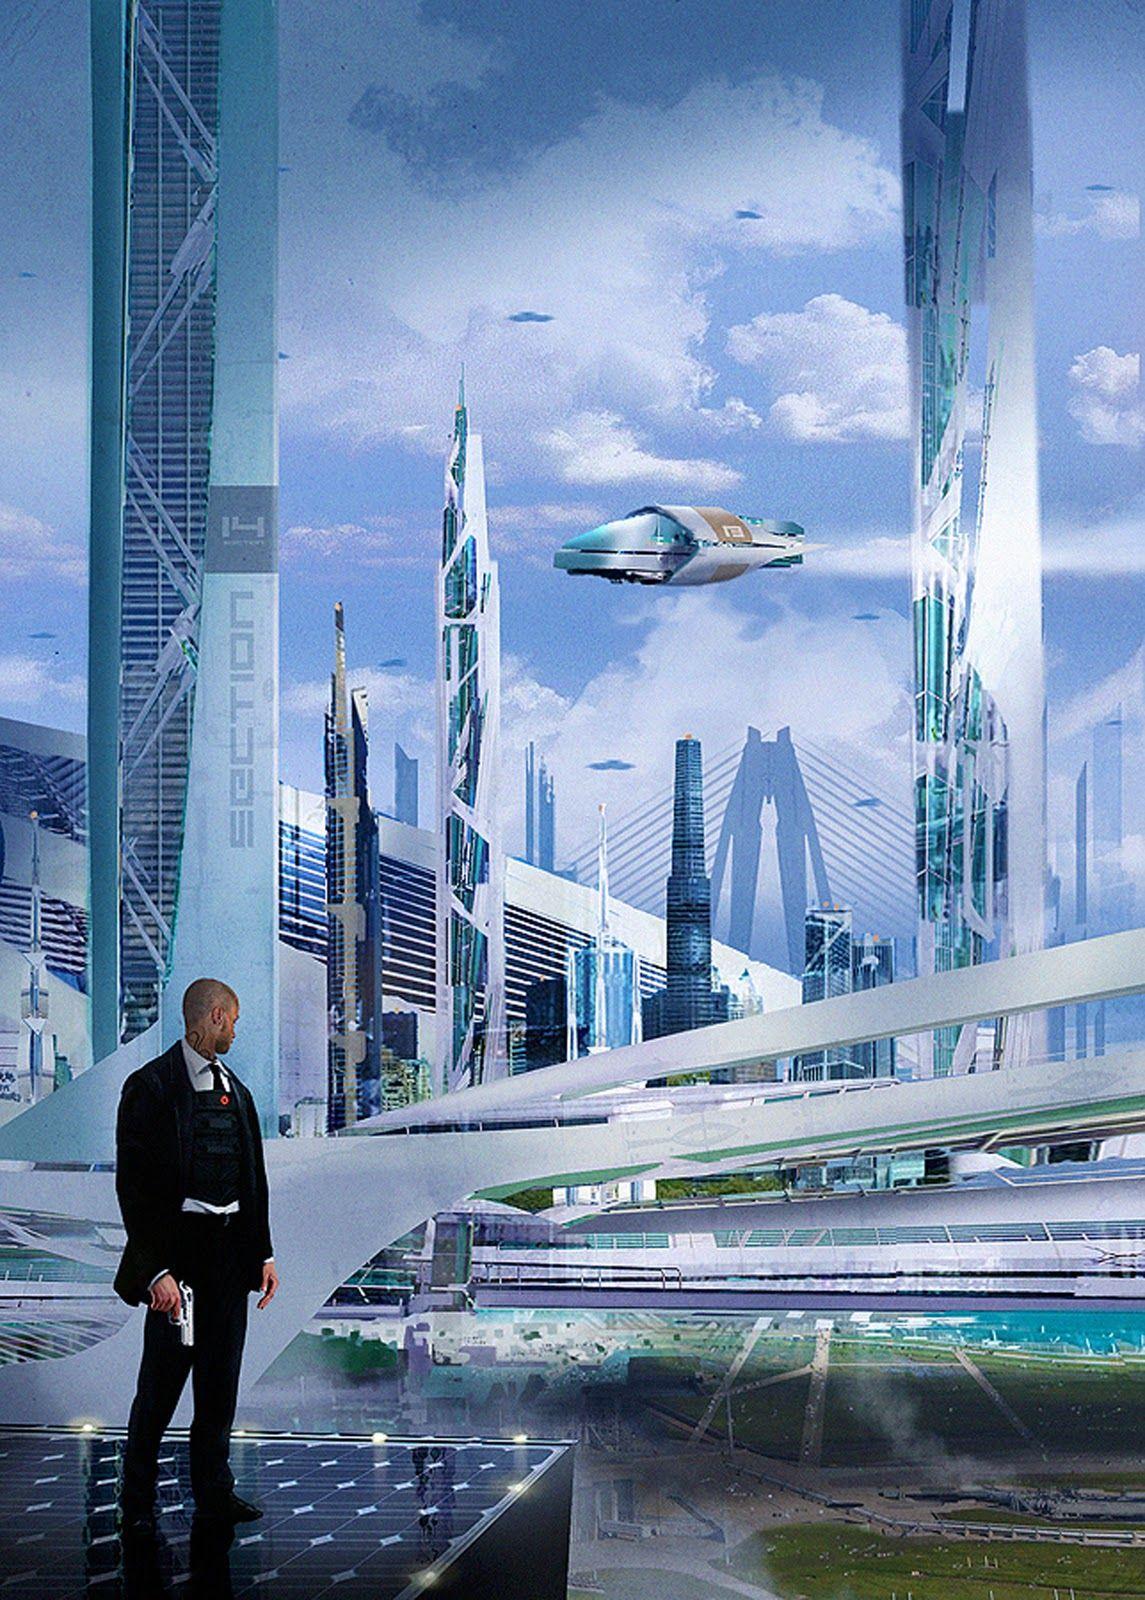 futuristic city building FI MEGAVERSE